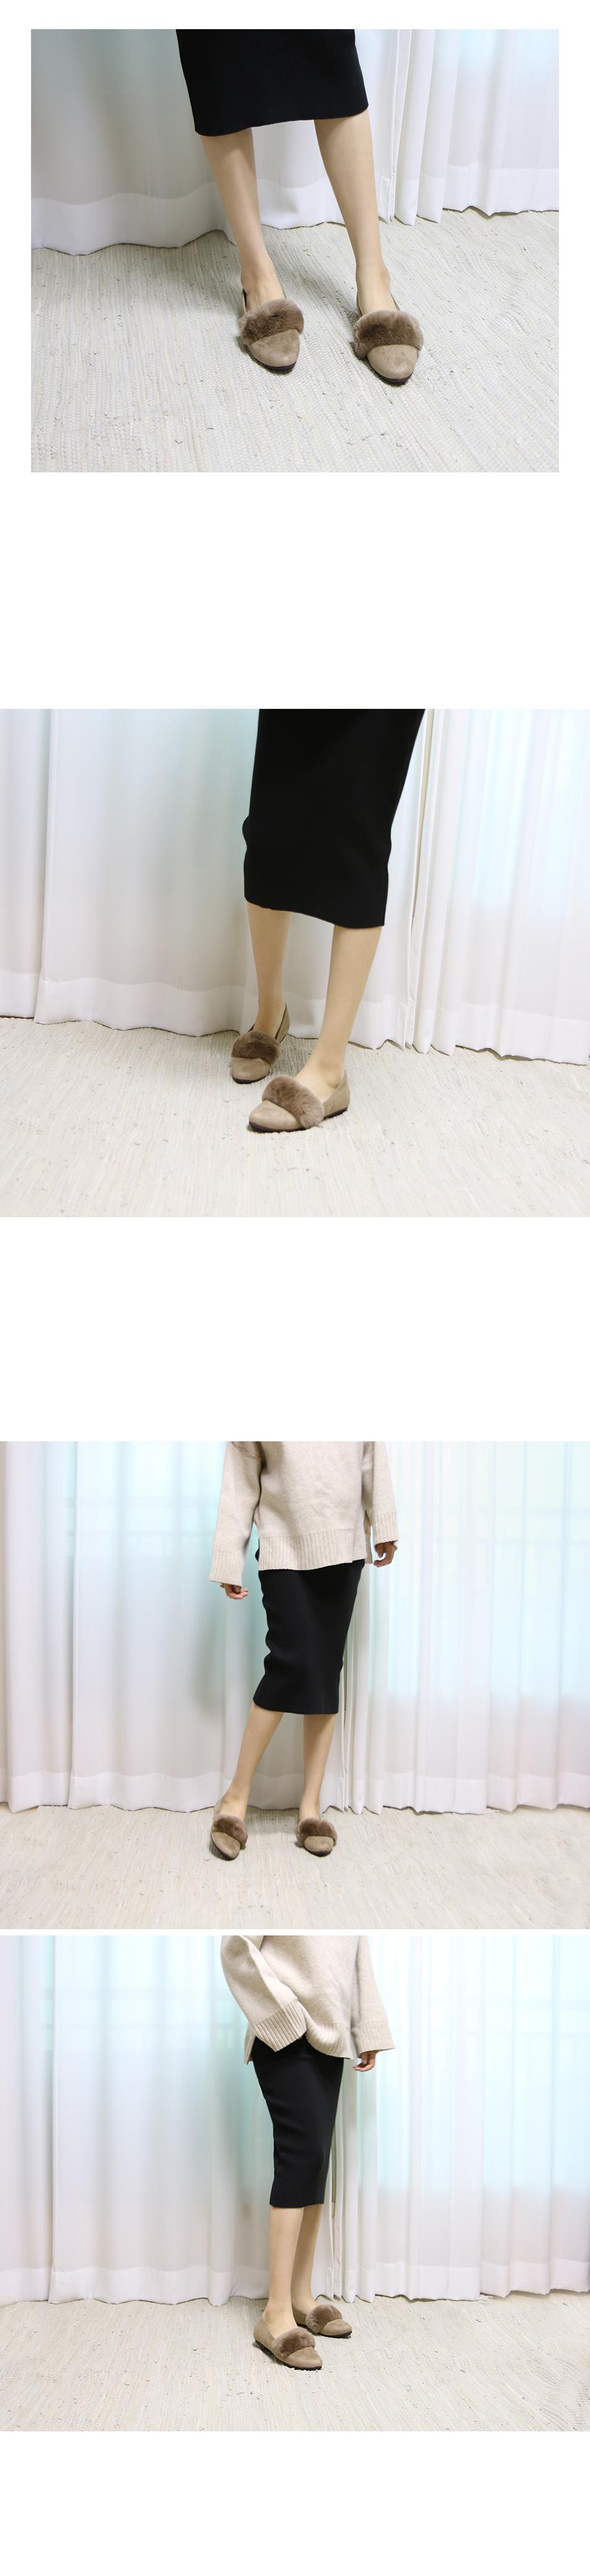 디플론 토끼털 스웨이드 플랫슈즈 착용컷